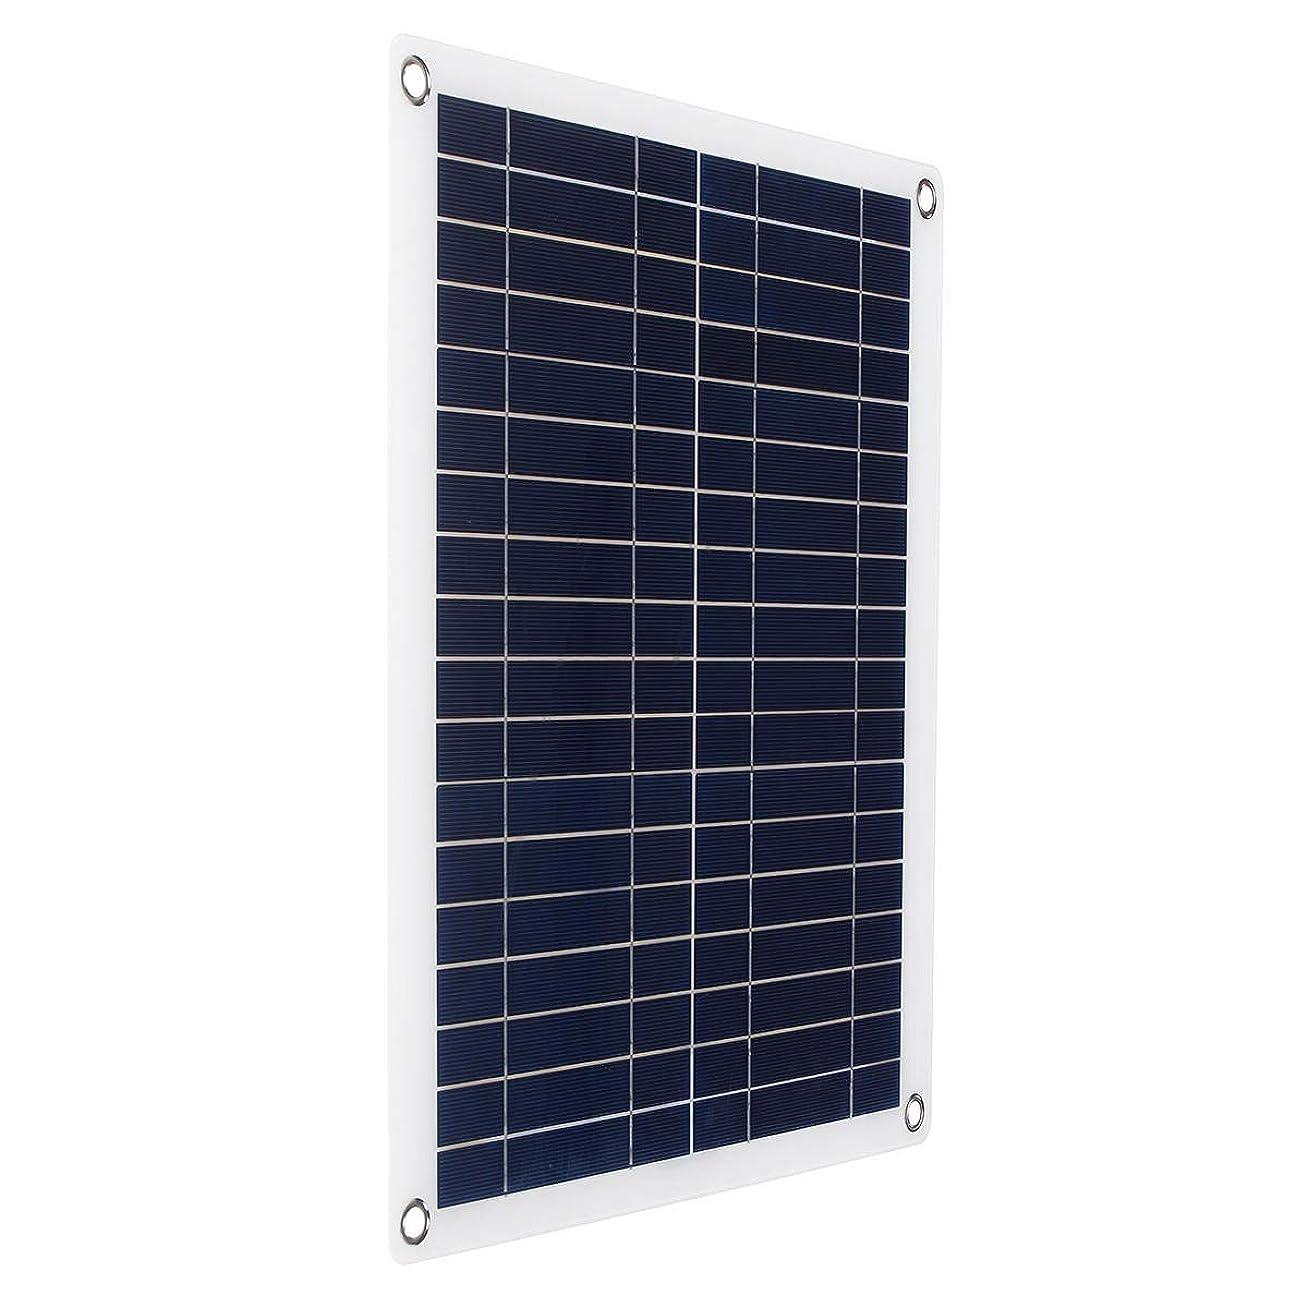 巨人のスコア寛容なソーラーパネル ボード30Wソーラーパネルセミフレキシブルなポータブルカーや船舶の緊急充電会を緊急充電 太陽光発電システム (Color : Black, Size : 30w)